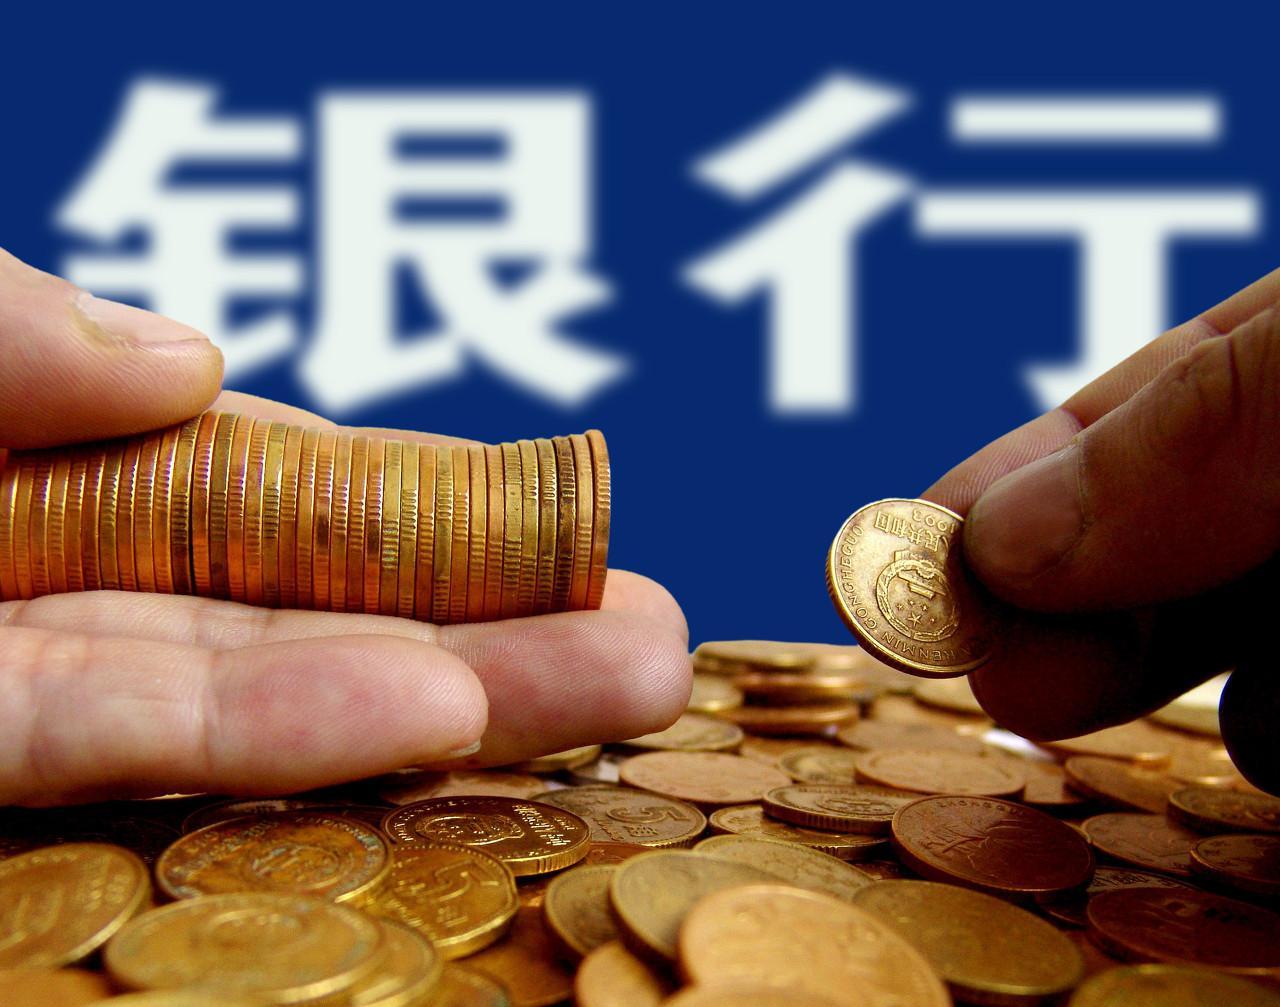 宁波银行(002142.sz)1H19业绩点评:基本面标杆银行,可转债成功转股提升资本实力